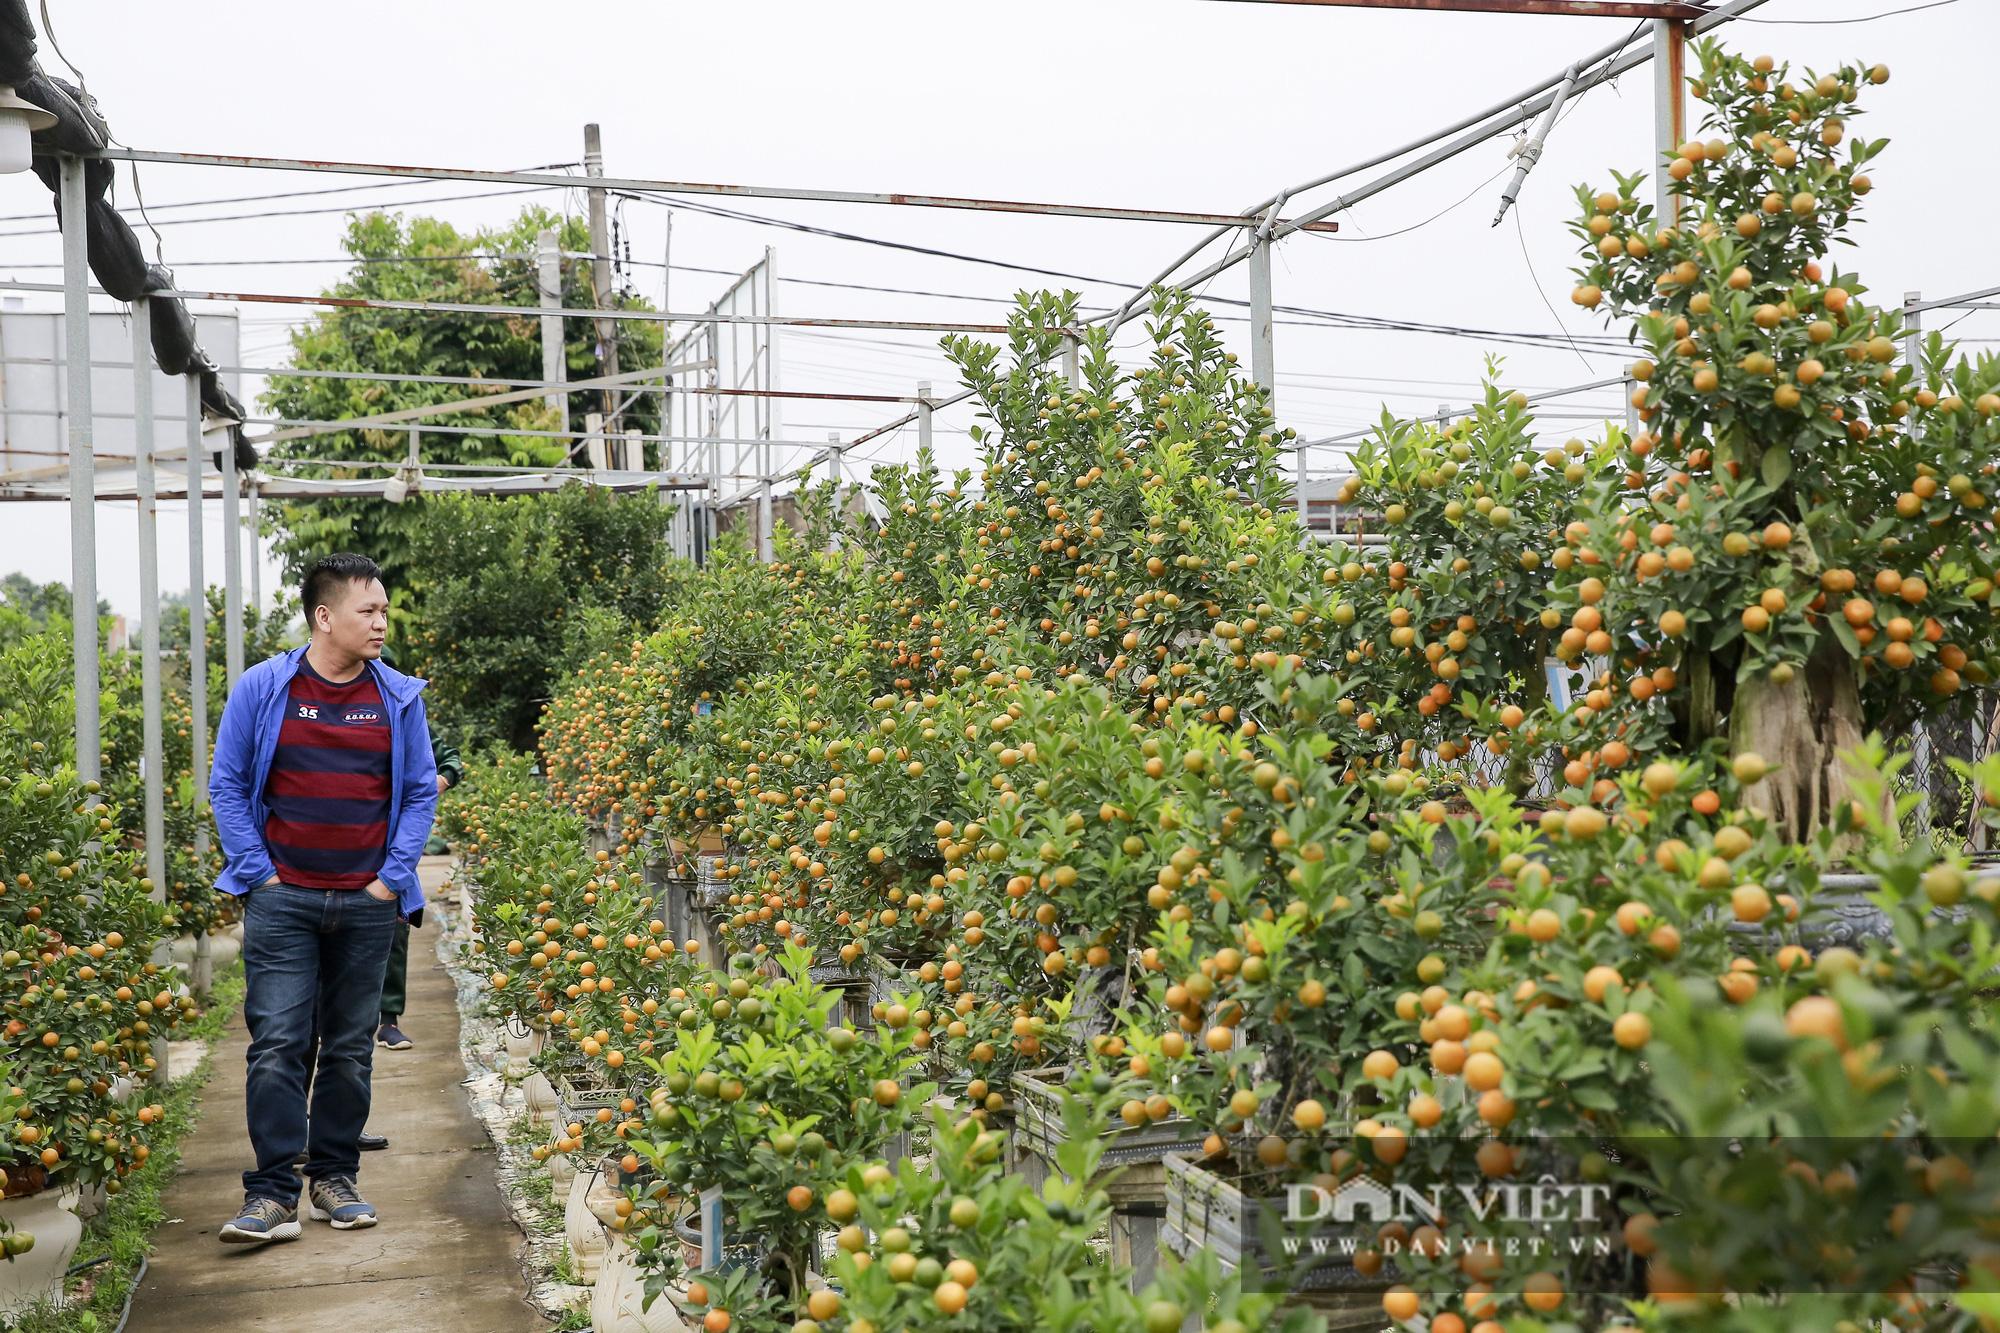 Cực phẩm quất ghép gỗ lũa giá ngàn đô thu hút giới nhà giàu chơi Tết Tân Sửu 2021 - Ảnh 1.